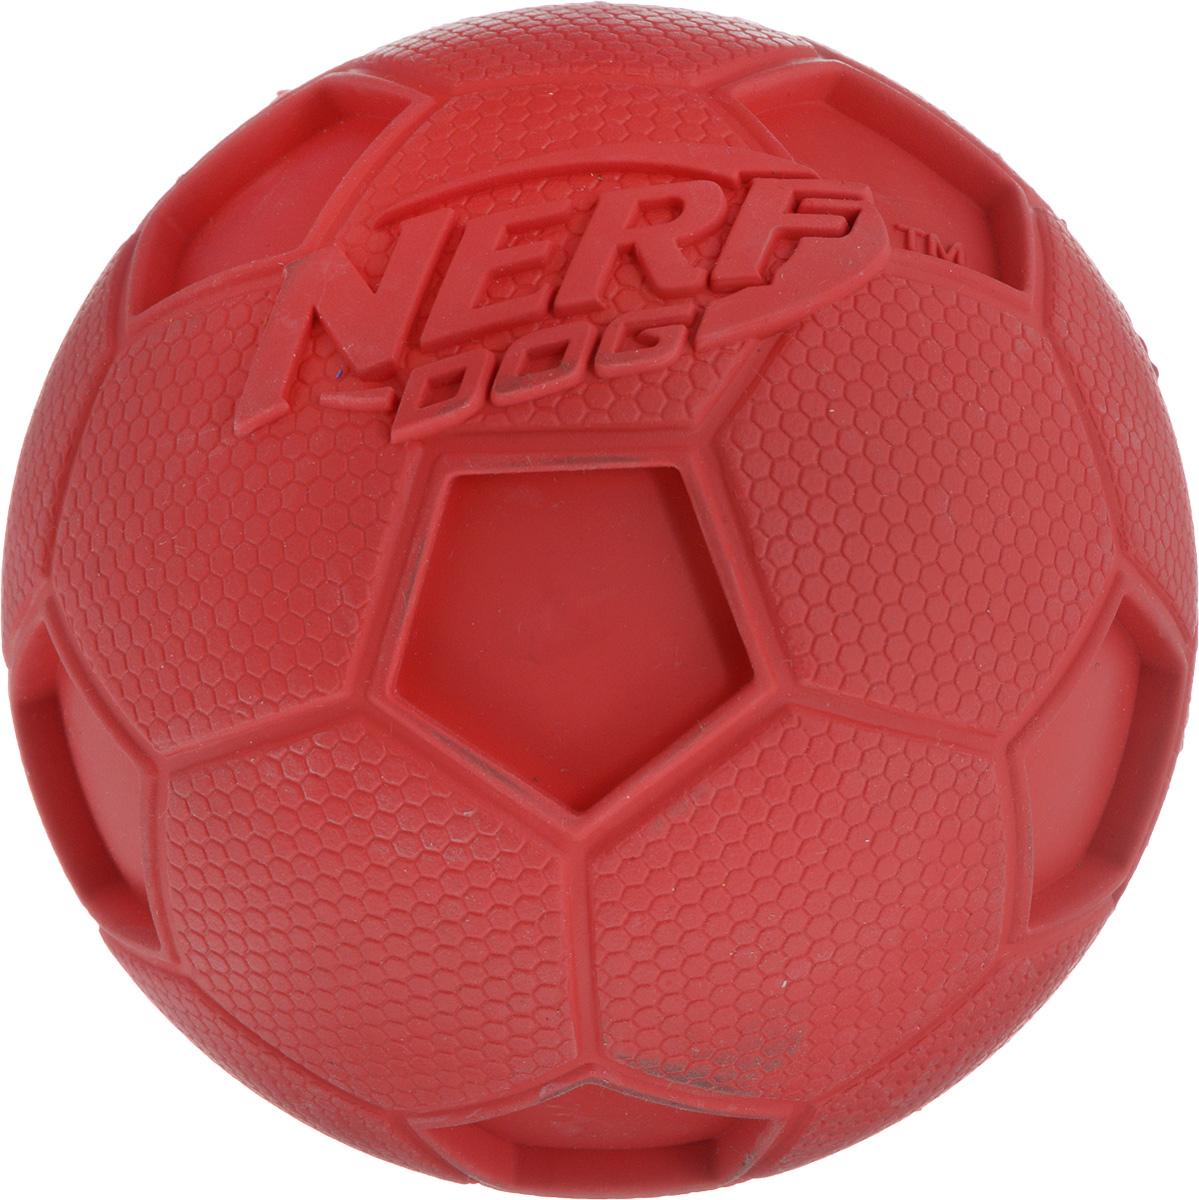 Игрушка для собак Nerf Мяч футбольный, с пищалкой, диаметр 10 см22200_красныйИгрушка для собак Nerf Мяч футбольный выполнена из резины в форме футбольного мяча. Игрушка оснащена пищалкой, что вызовет дополнительный интерес вашего питомца. Такая игрушка порадует вашего любимца, а вам доставит массу приятных эмоций, ведь наблюдать за игрой всегда интересно и приятно. Диаметр игрушки: 10 см.